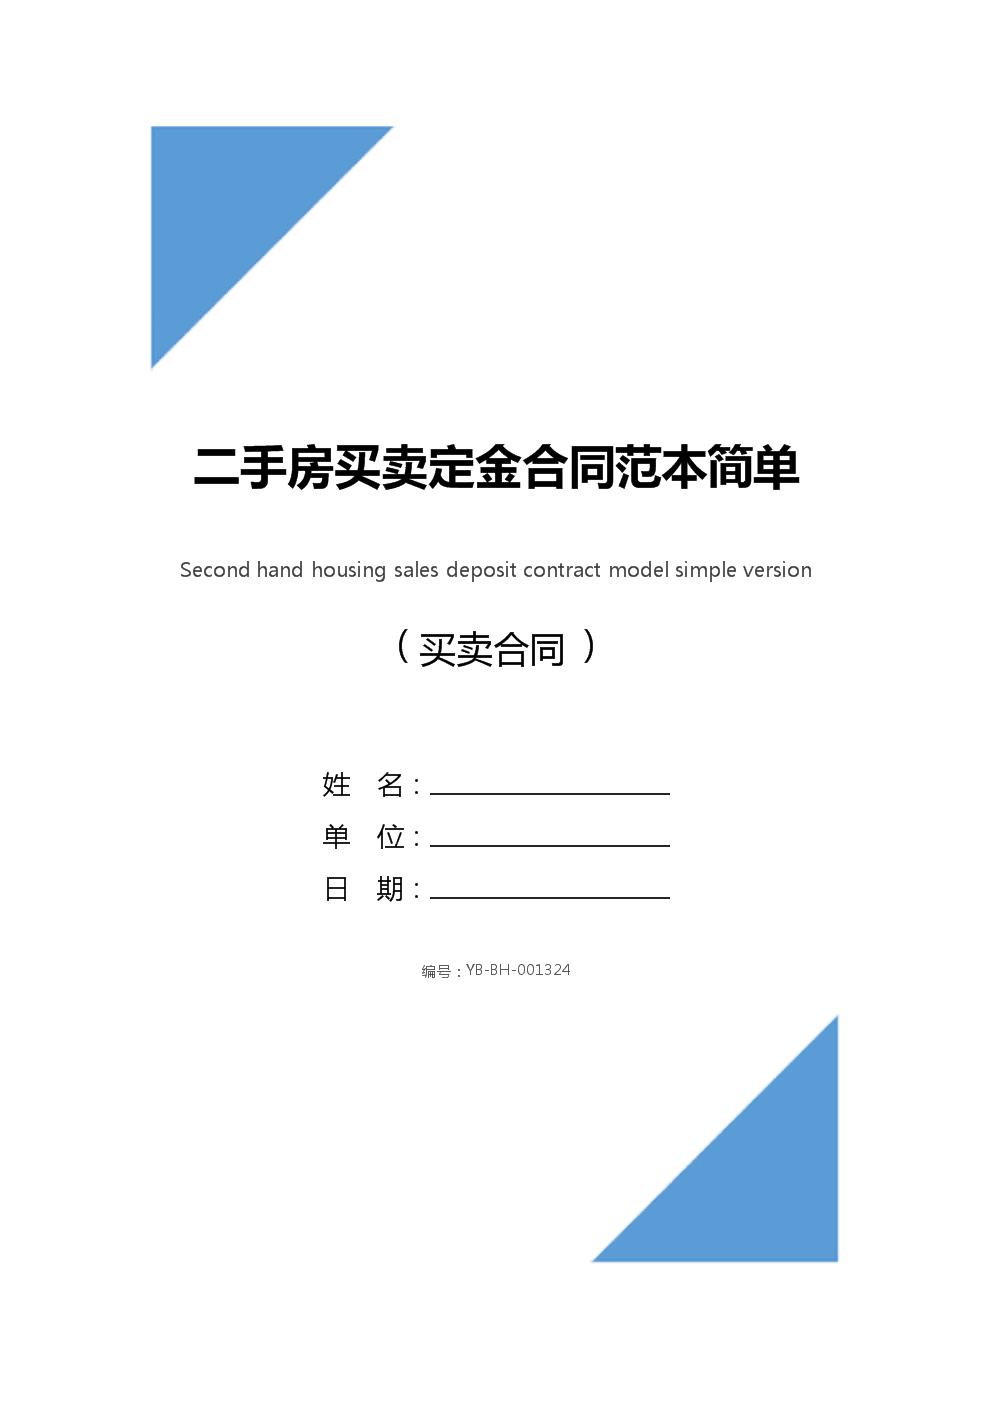 二手房买卖定金合同范本简单版(精篇).docx